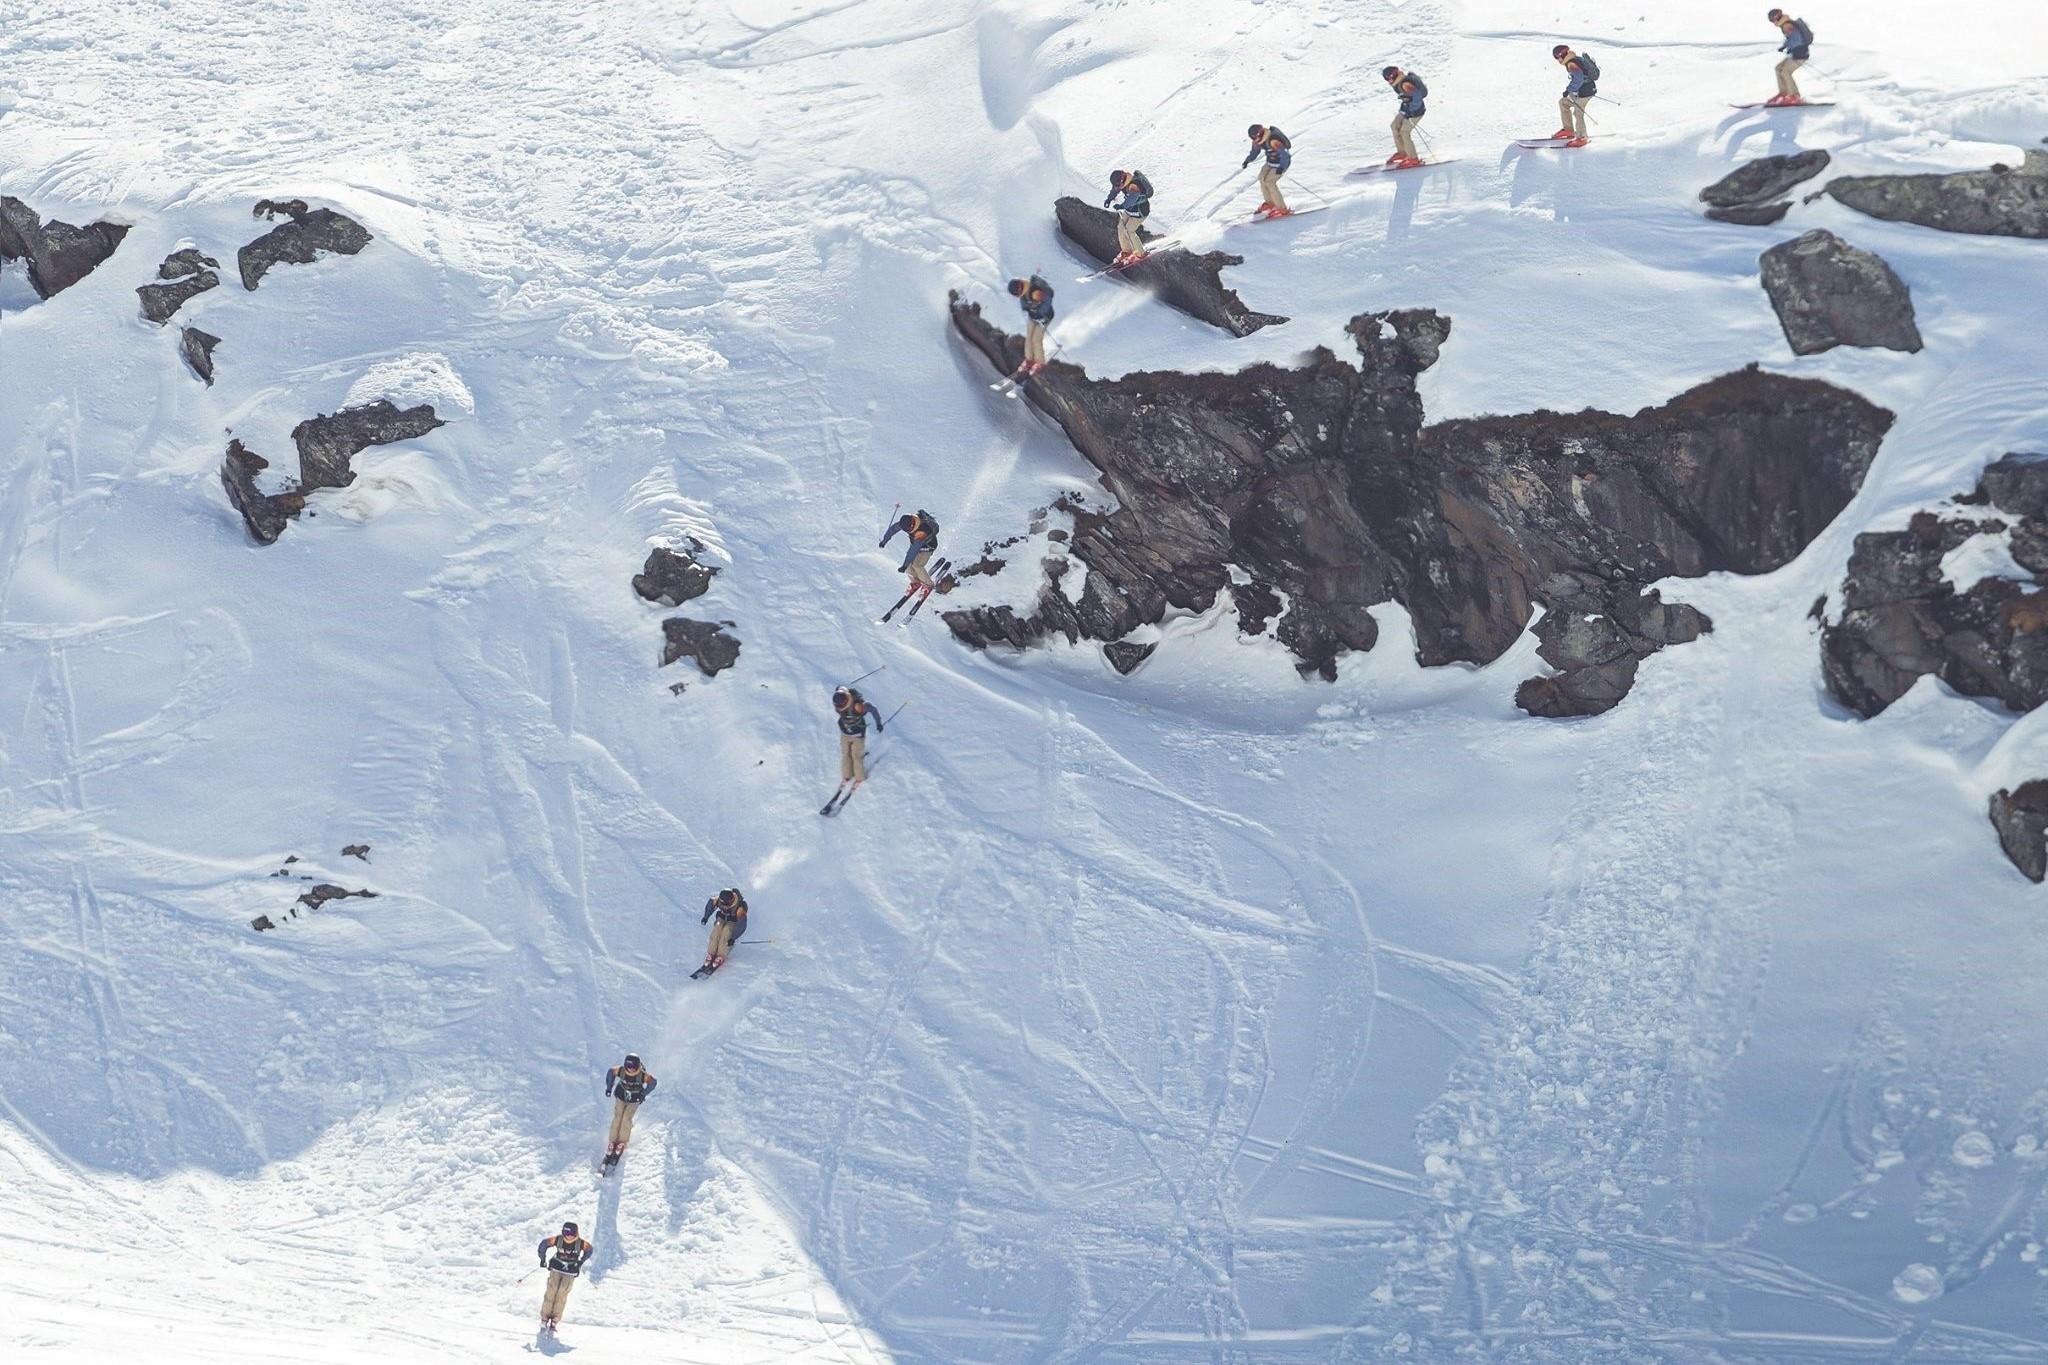 SPECTACULAIRE WEDSTRIJD #belgisch beste freeride ski & snow